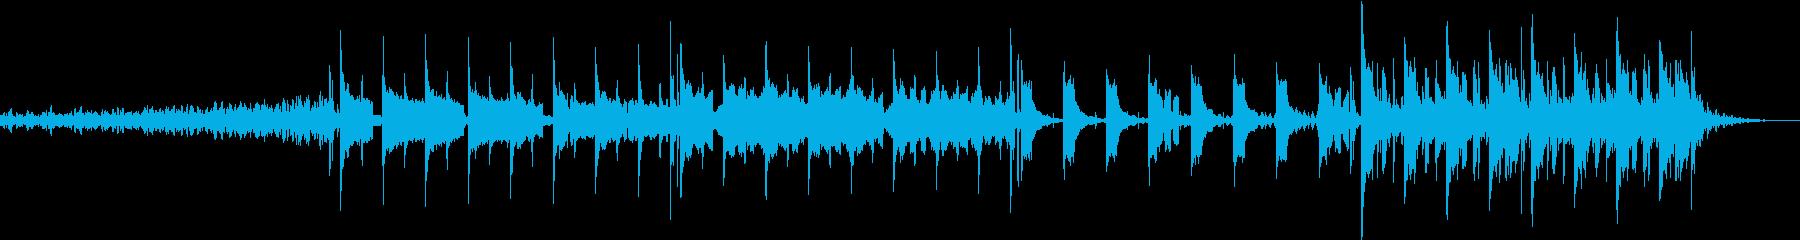 映画の1シーンに使われそうな曲の再生済みの波形